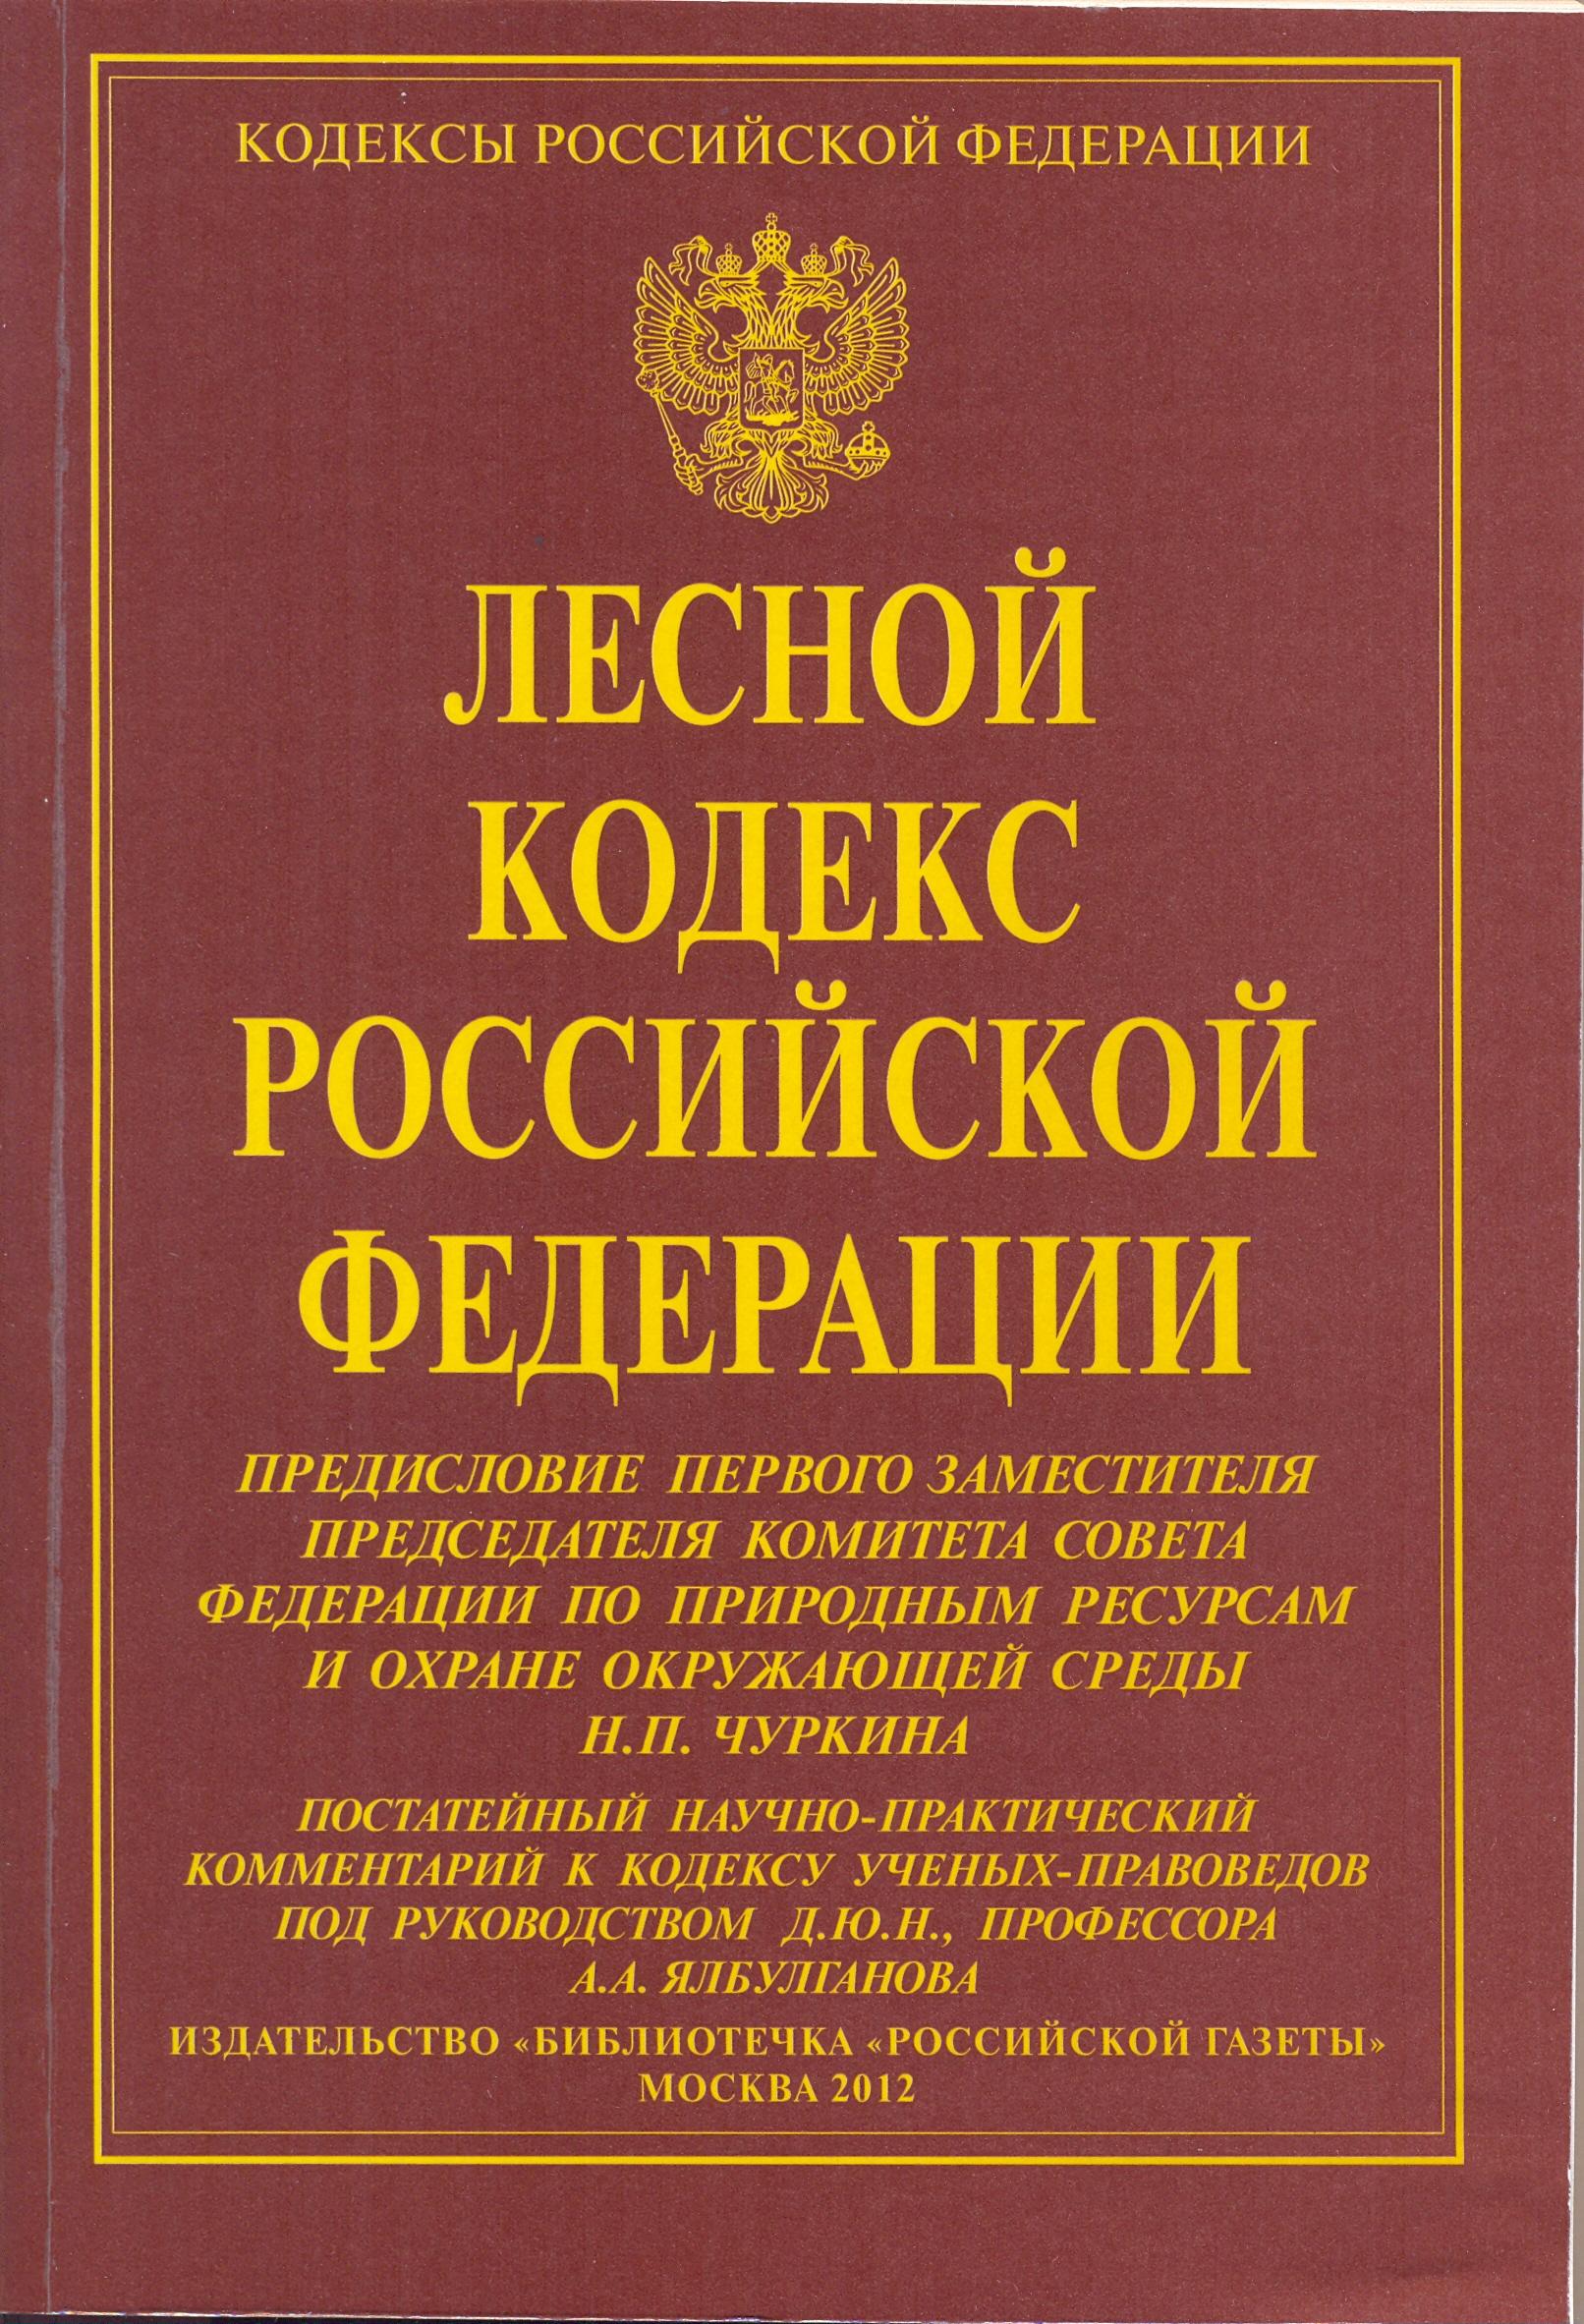 ФЗ 200: Лесной кодекс РФ в последней редакции